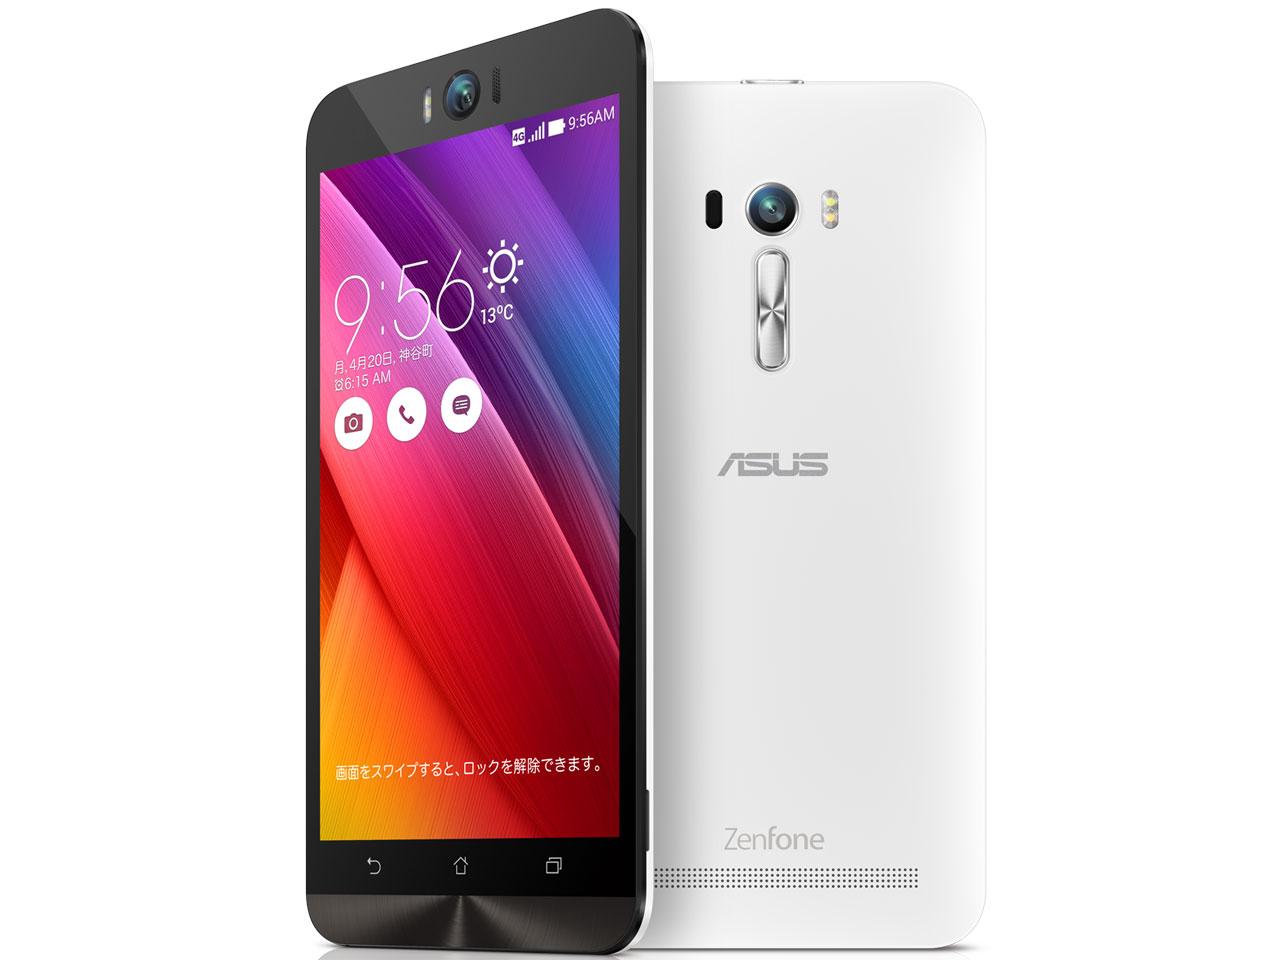 ASUS ZenFone Selfie 製品画像